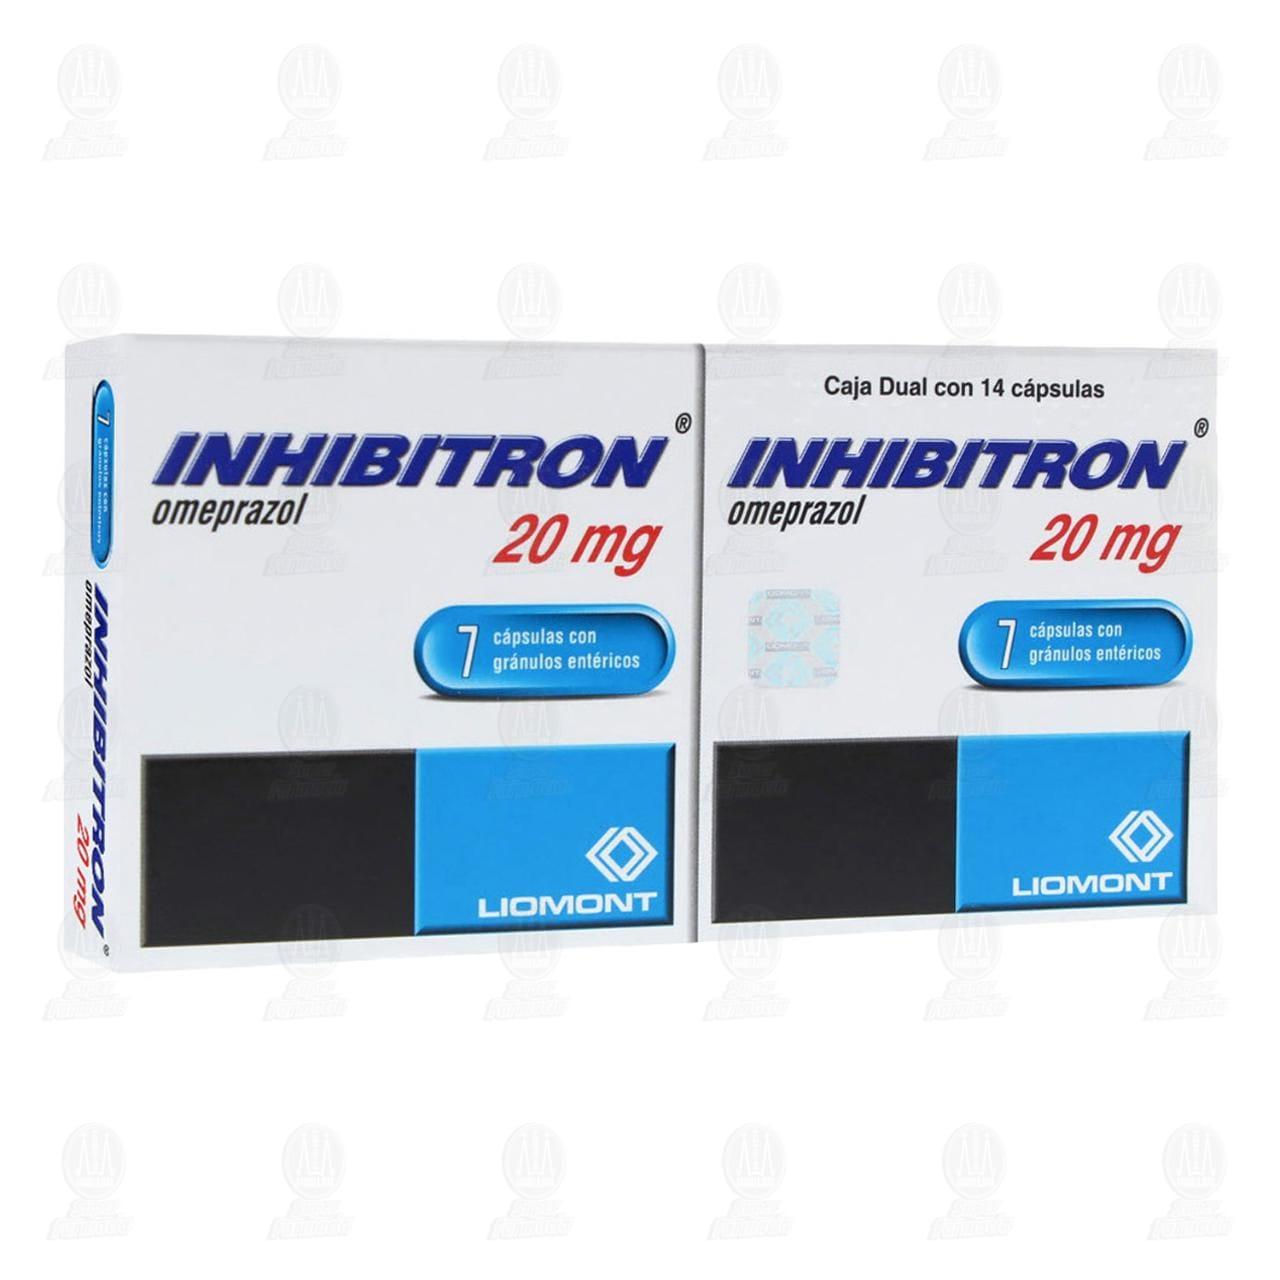 comprar https://www.movil.farmaciasguadalajara.com/wcsstore/FGCAS/wcs/products/900478_A_1280_AL.jpg en farmacias guadalajara